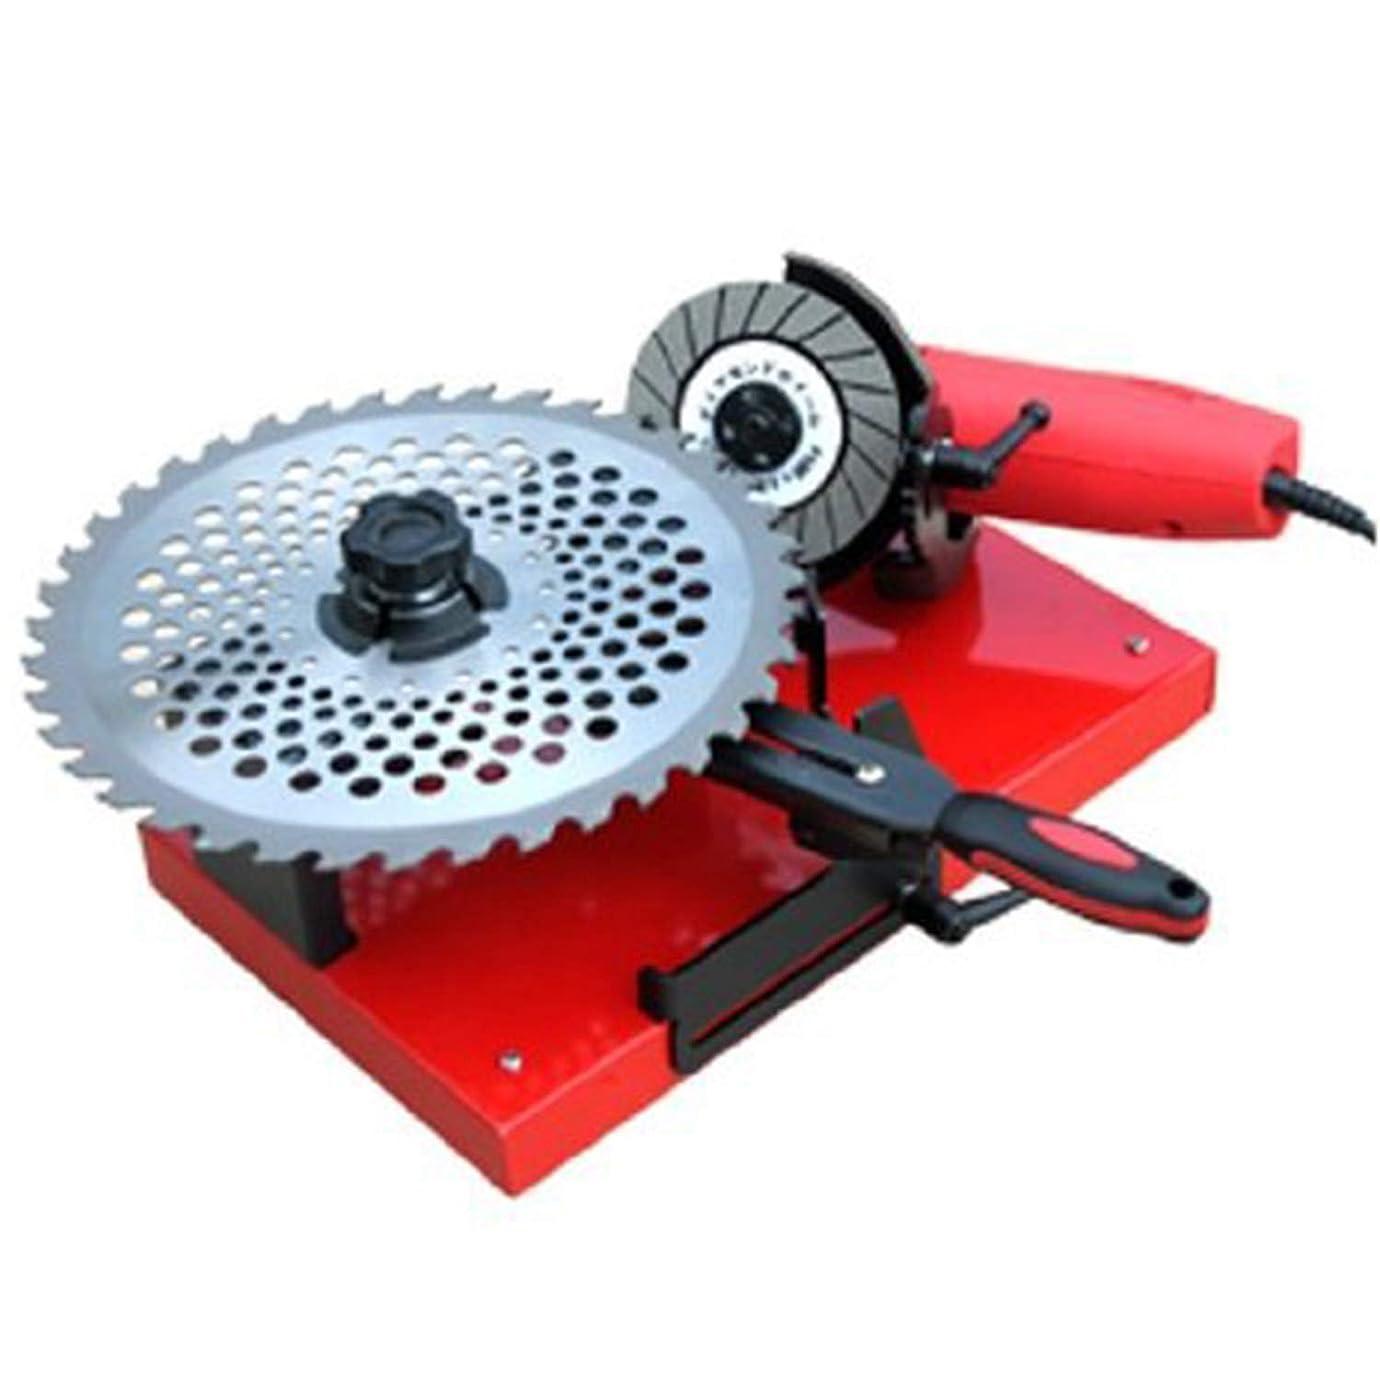 量好きである国際ニシガキ 早研ぎ 金属用チップソー研磨機 N-845